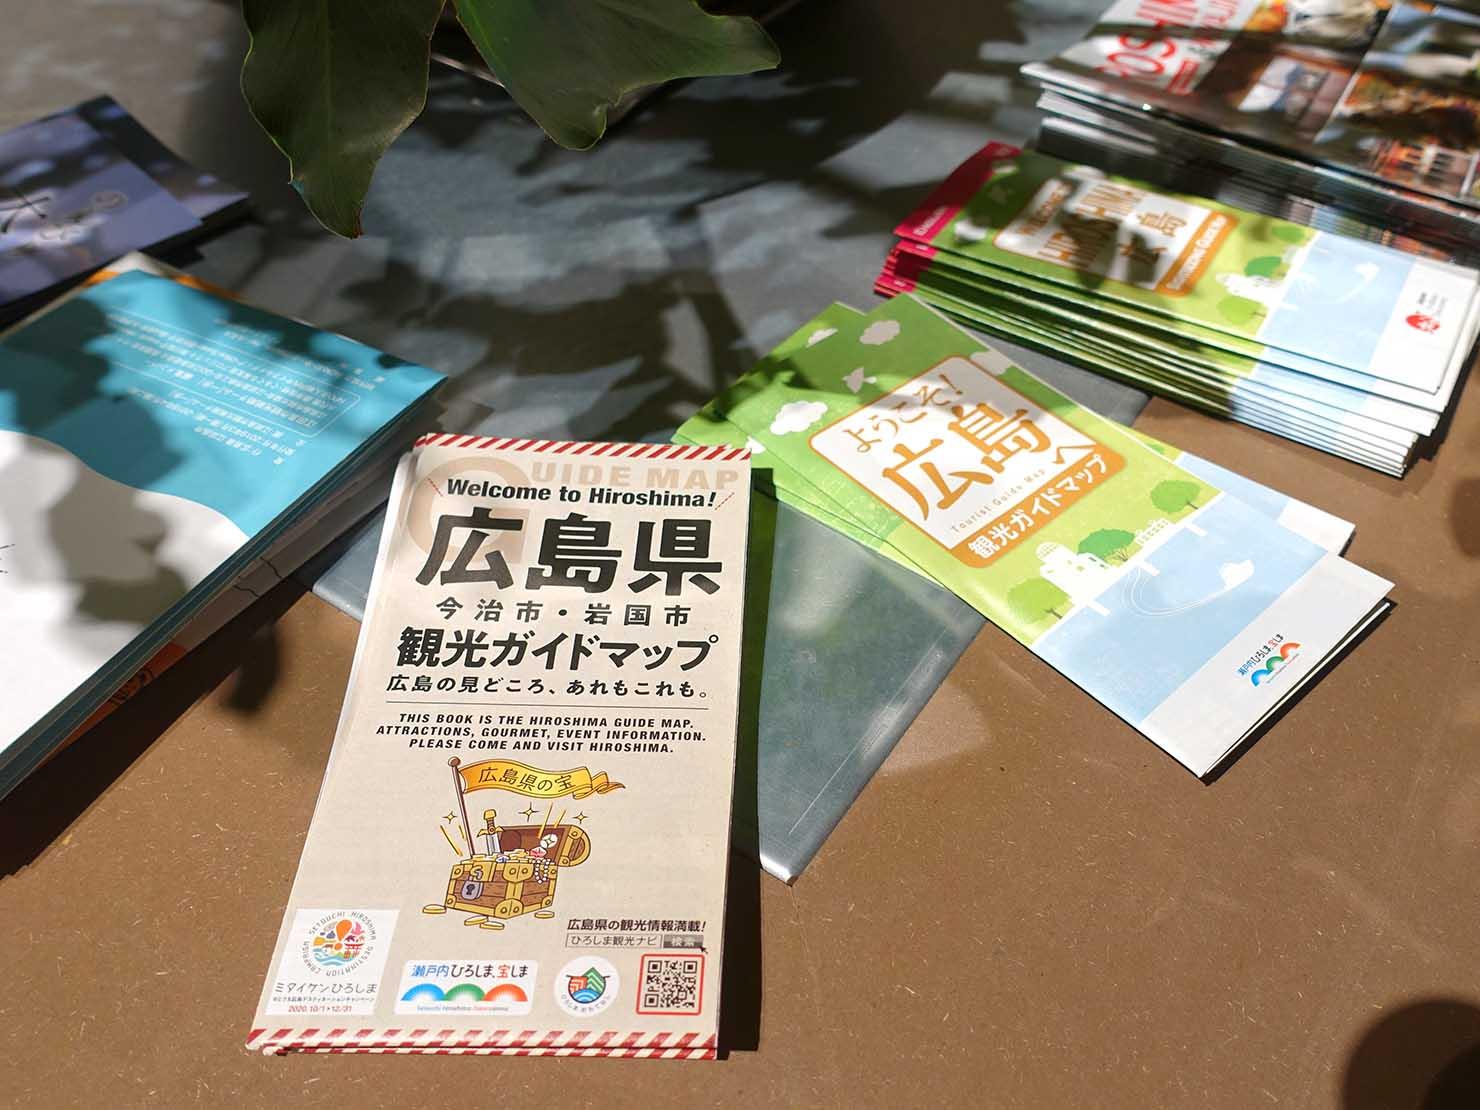 広島・八丁堀のおしゃれなリノベホテル「KIRO広島 The Share Hotels」コミュニティスペースに置かれた観光ガイド